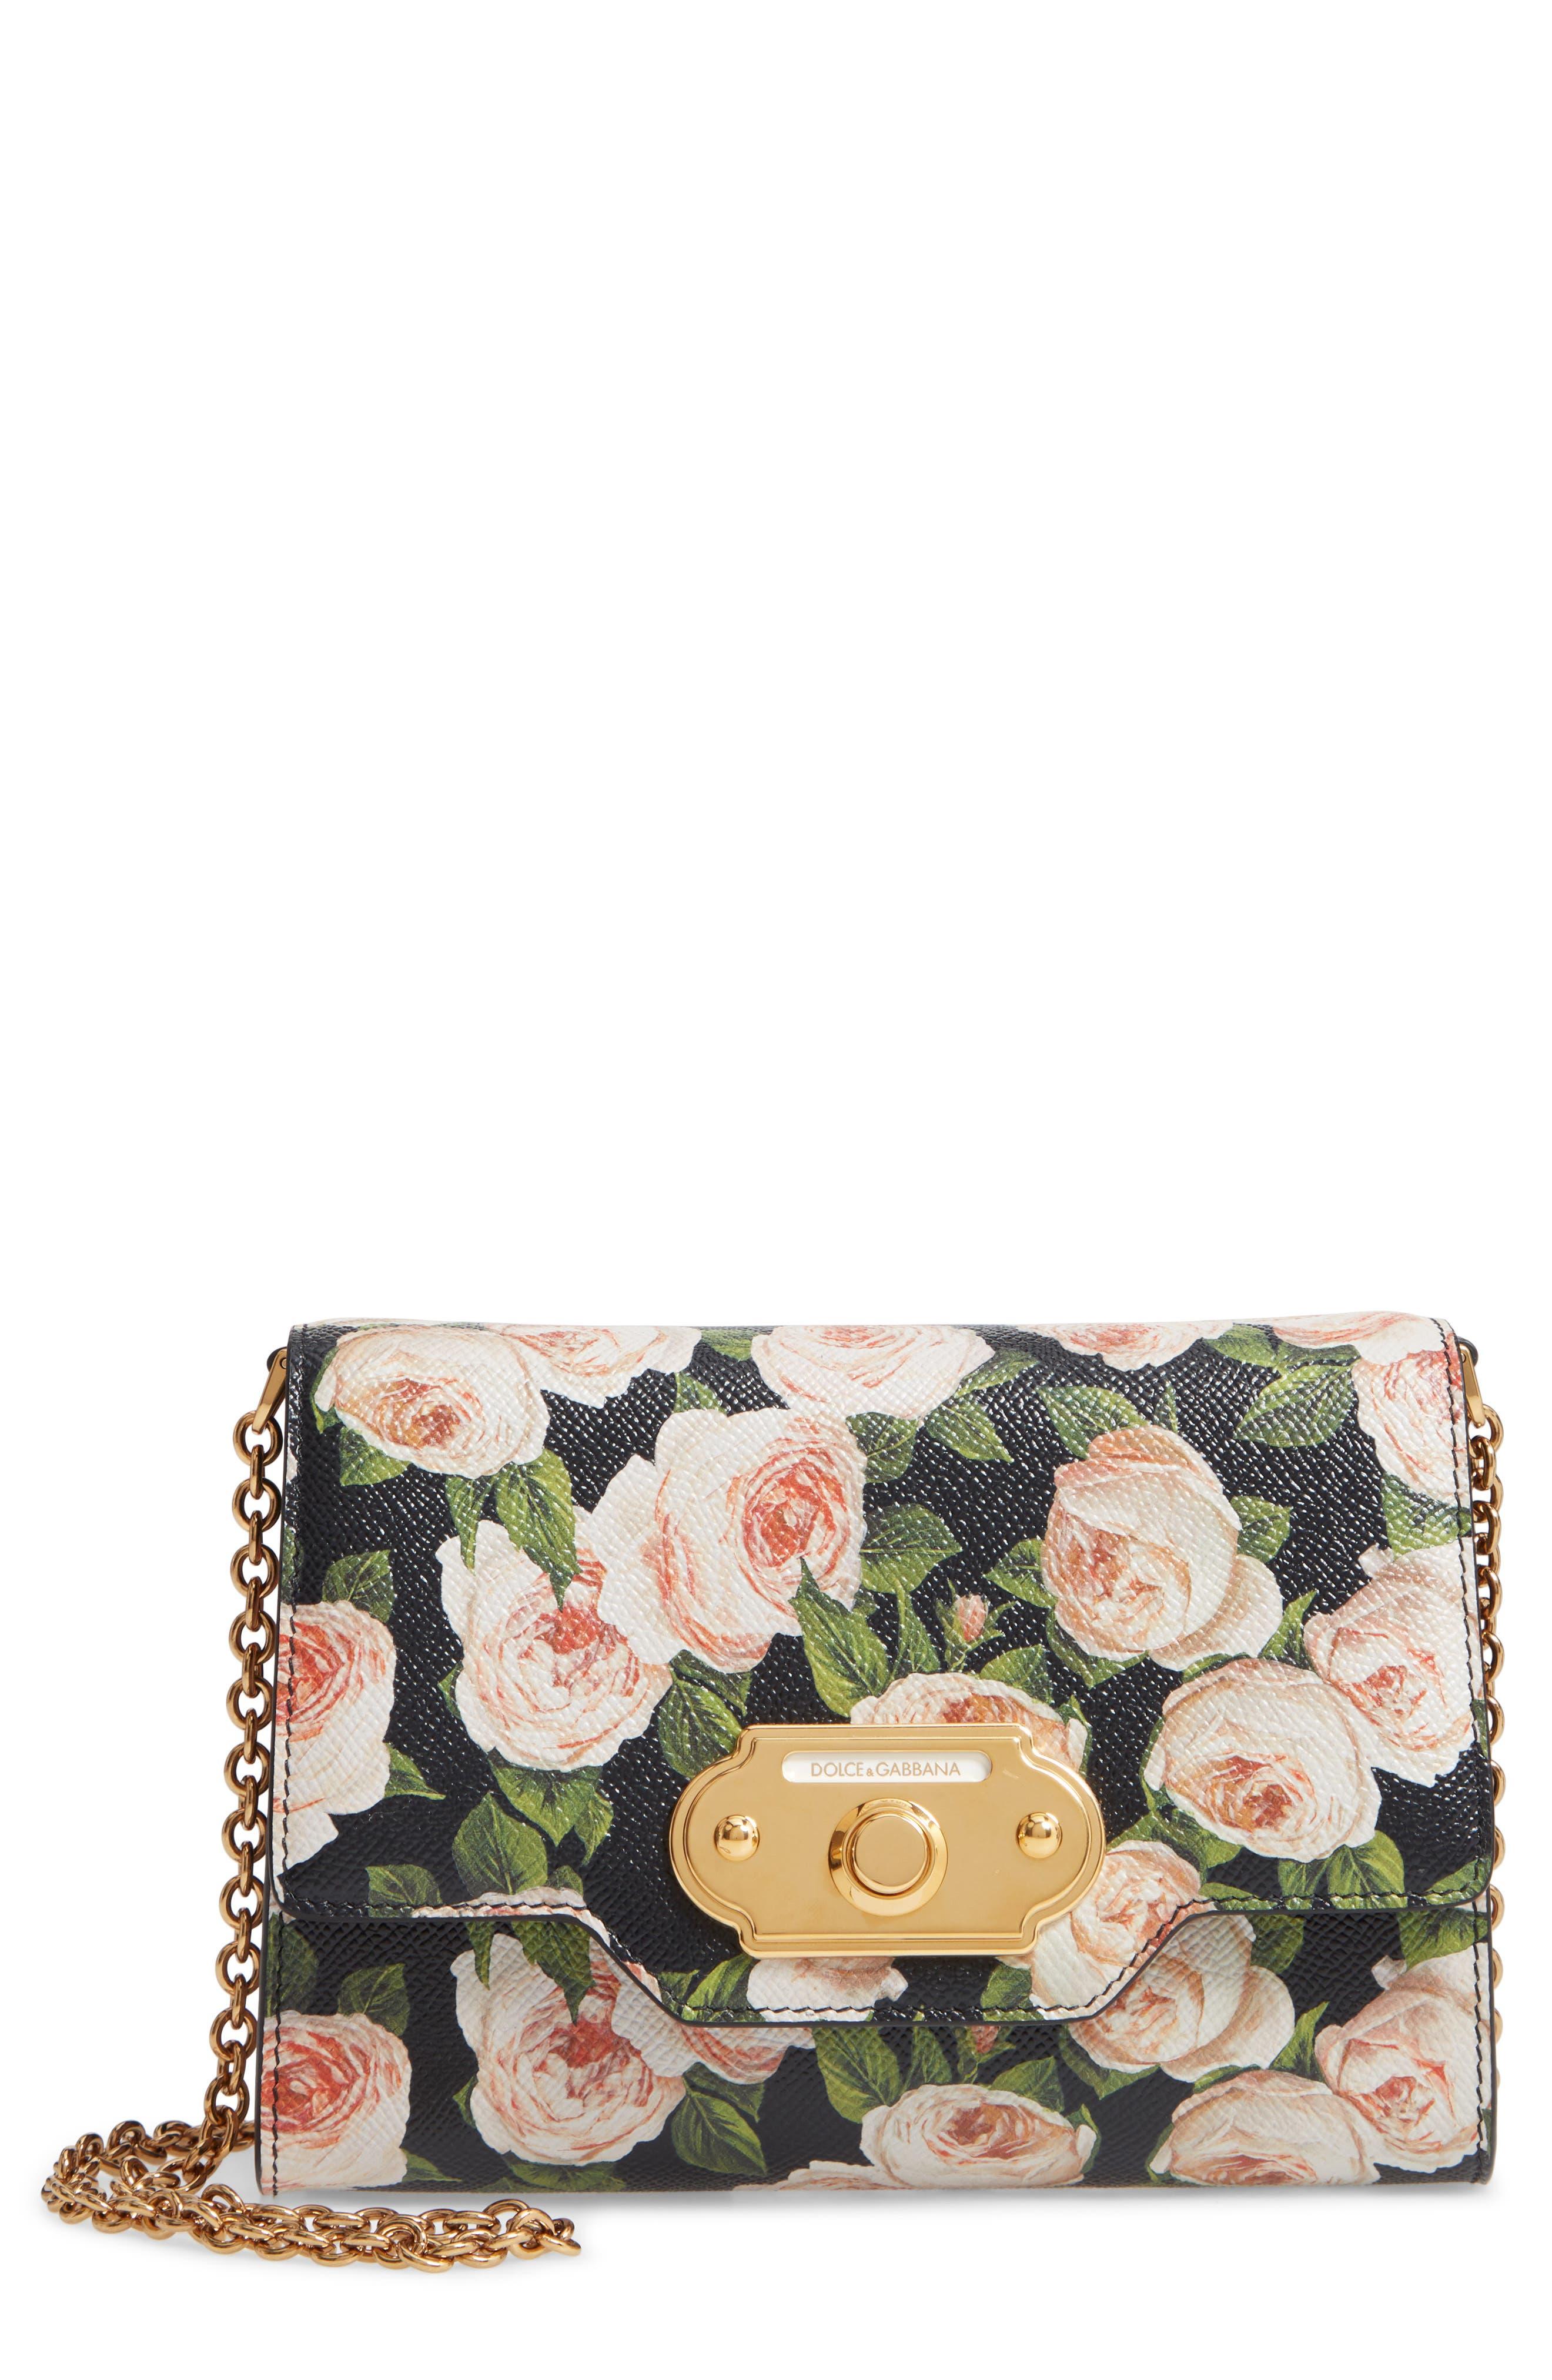 DOLCE&GABBANA Rose Print Calfskin Leather Shoulder Bag, Main, color, NERO/ ROSE